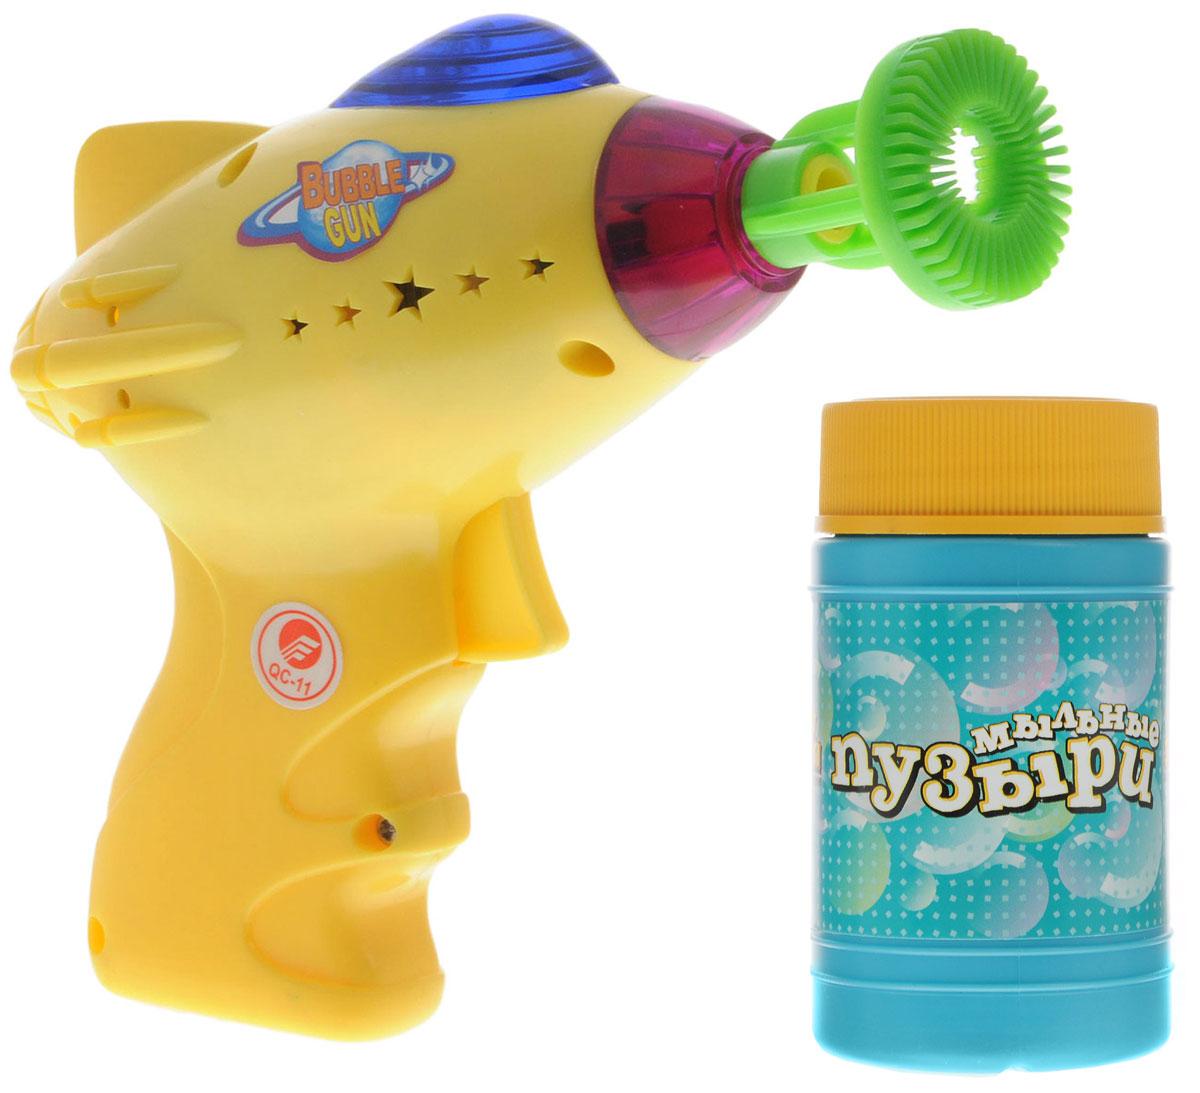 Веселая затея Набор для пускания мыльных пузырей Космос цвет желтый 140 мл1504-0193_желтыйВыдувание мыльных пузырей - это веселое развлечение для детей и взрослых. А с игрушкой Веселая затея Космос вас ждет просто гигантская очередь мыльных пузырей! Для этого налейте мыльный раствор в емкость, опустите в нее носик игрушки, поднимите в воздух и нажмите на курок. Вы увидите невероятное количество пузырей. Устройте малышу настоящее мыльное шоу! Игрушка обладает световыми и звуковыми эффектами. Необходимо купить 2 батарейки напряжением 1,5V типа АА (не входят в комплект).